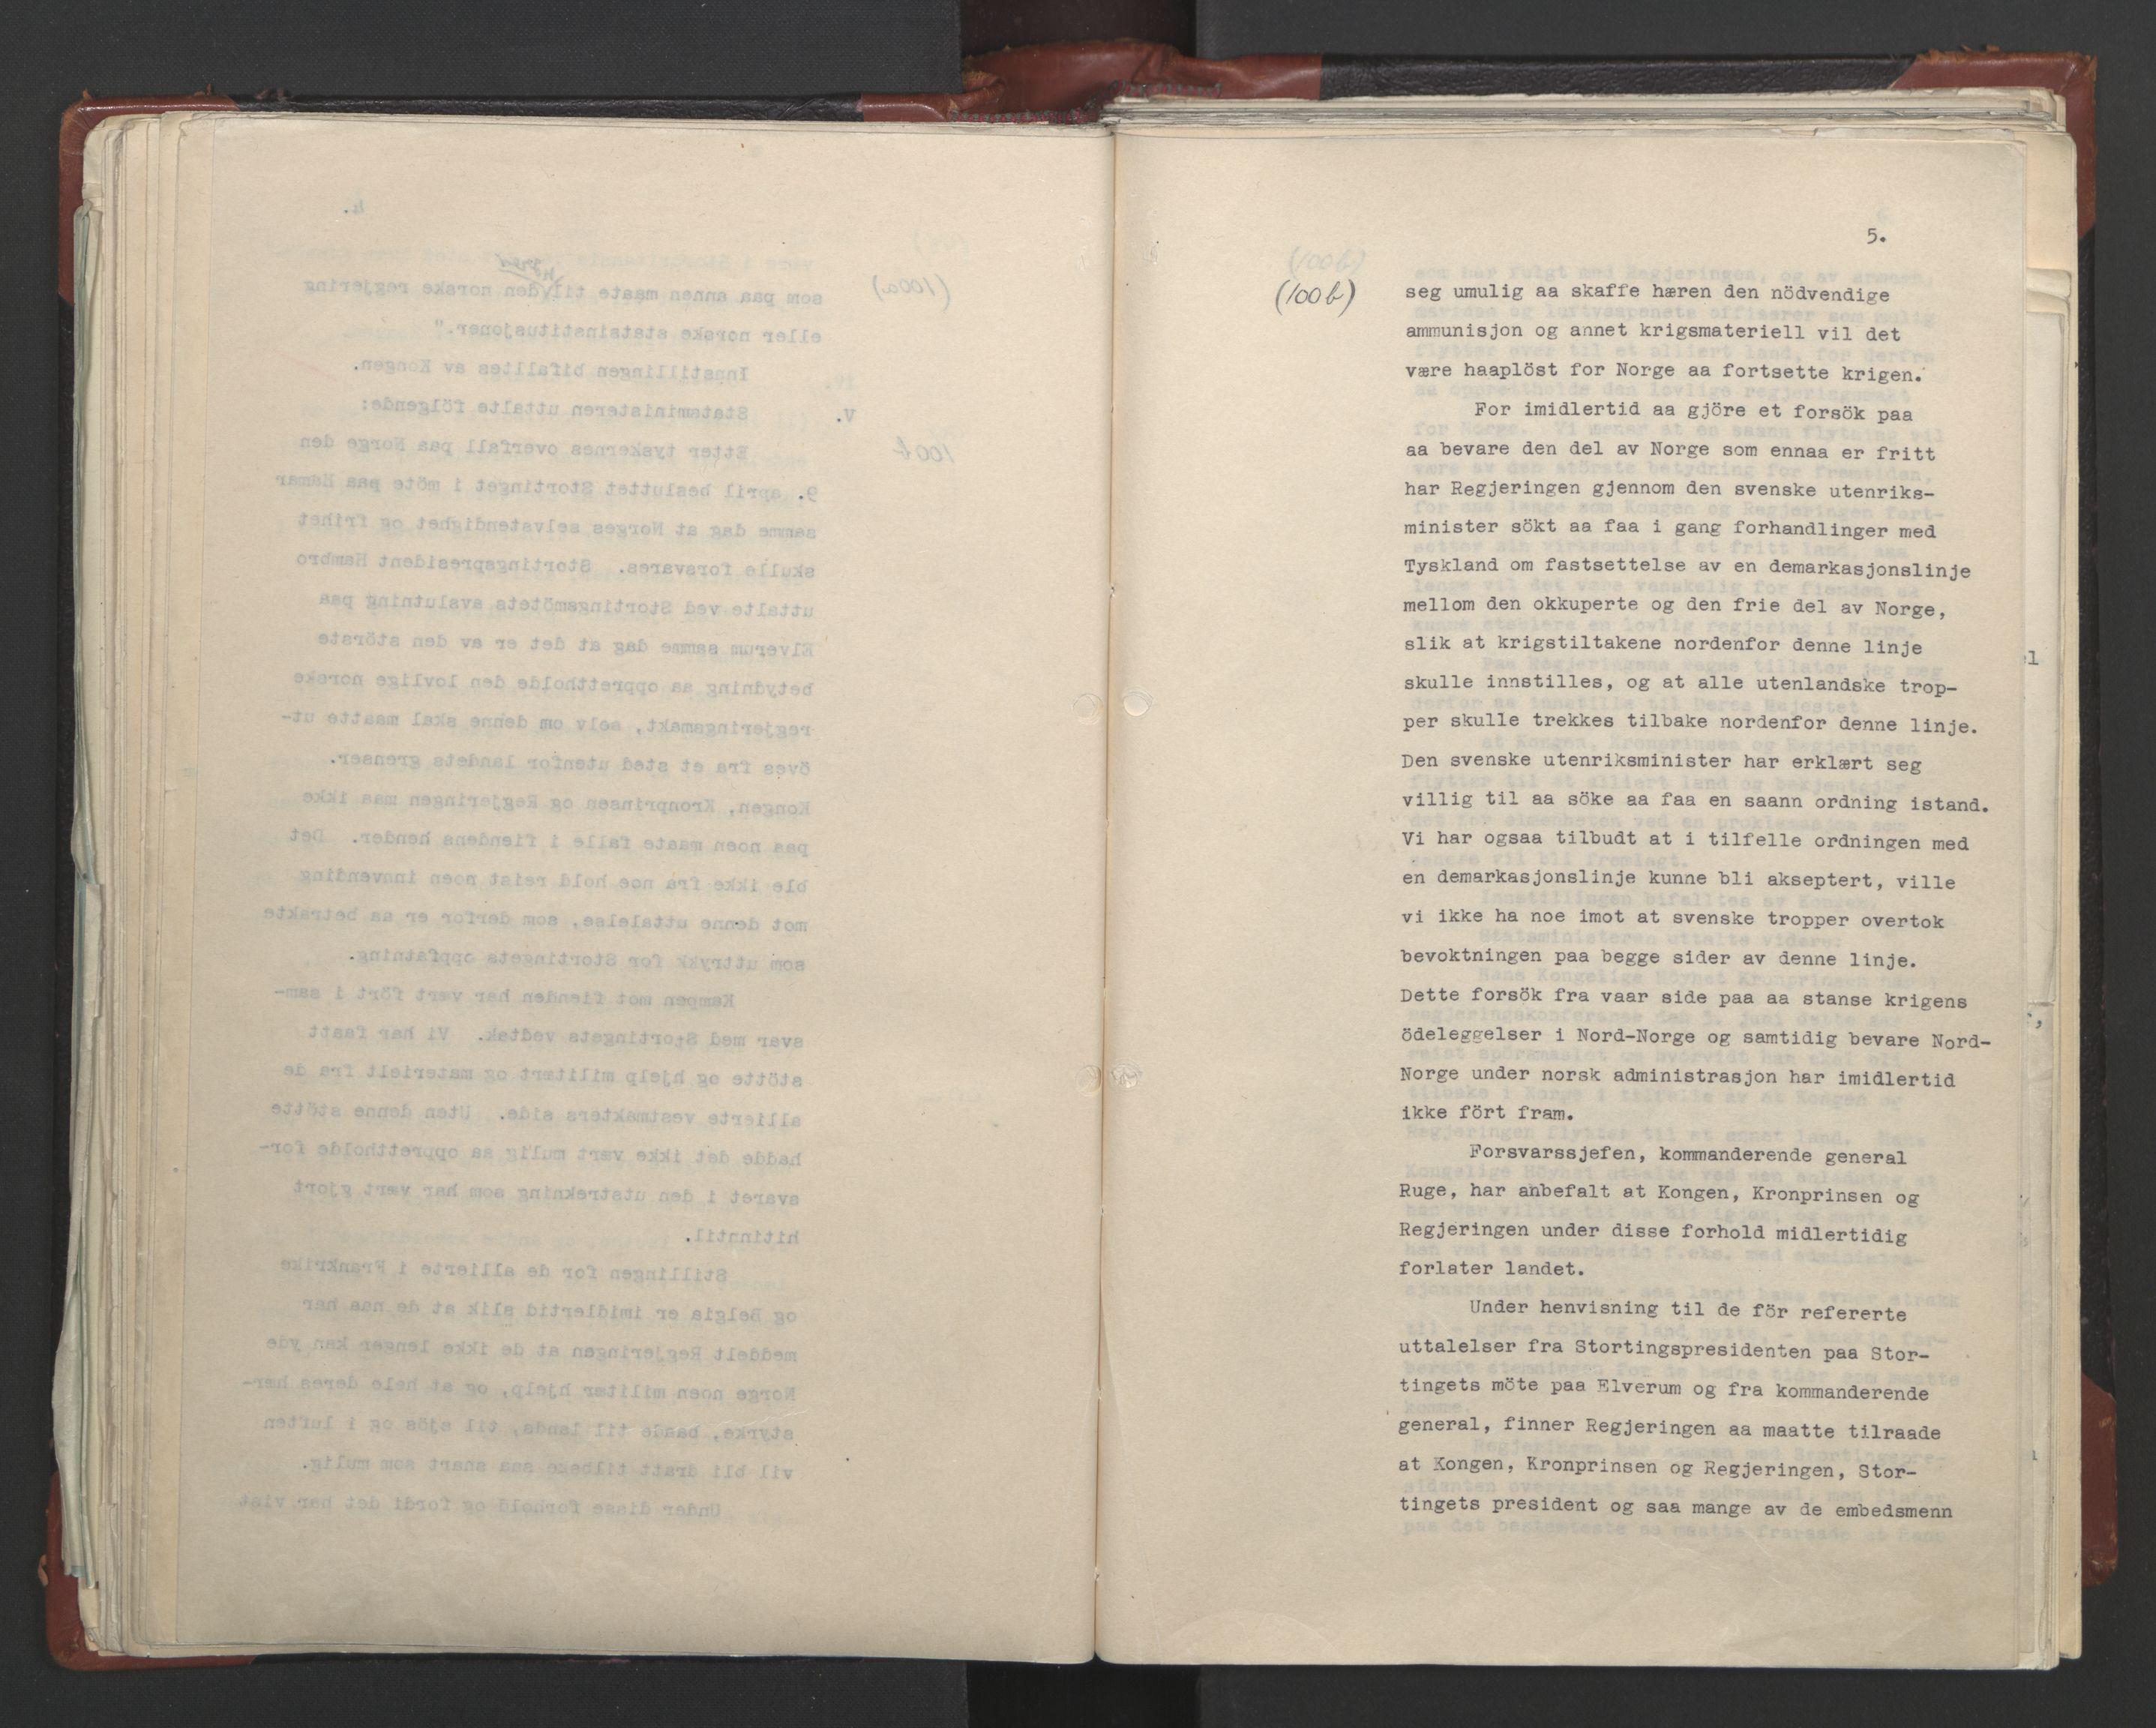 RA, Statsrådssekretariatet, A/Ac/L0122: Kgl. res. (9/4) 17/4 1940 -18/12 1942, 1940-1942, s. 89